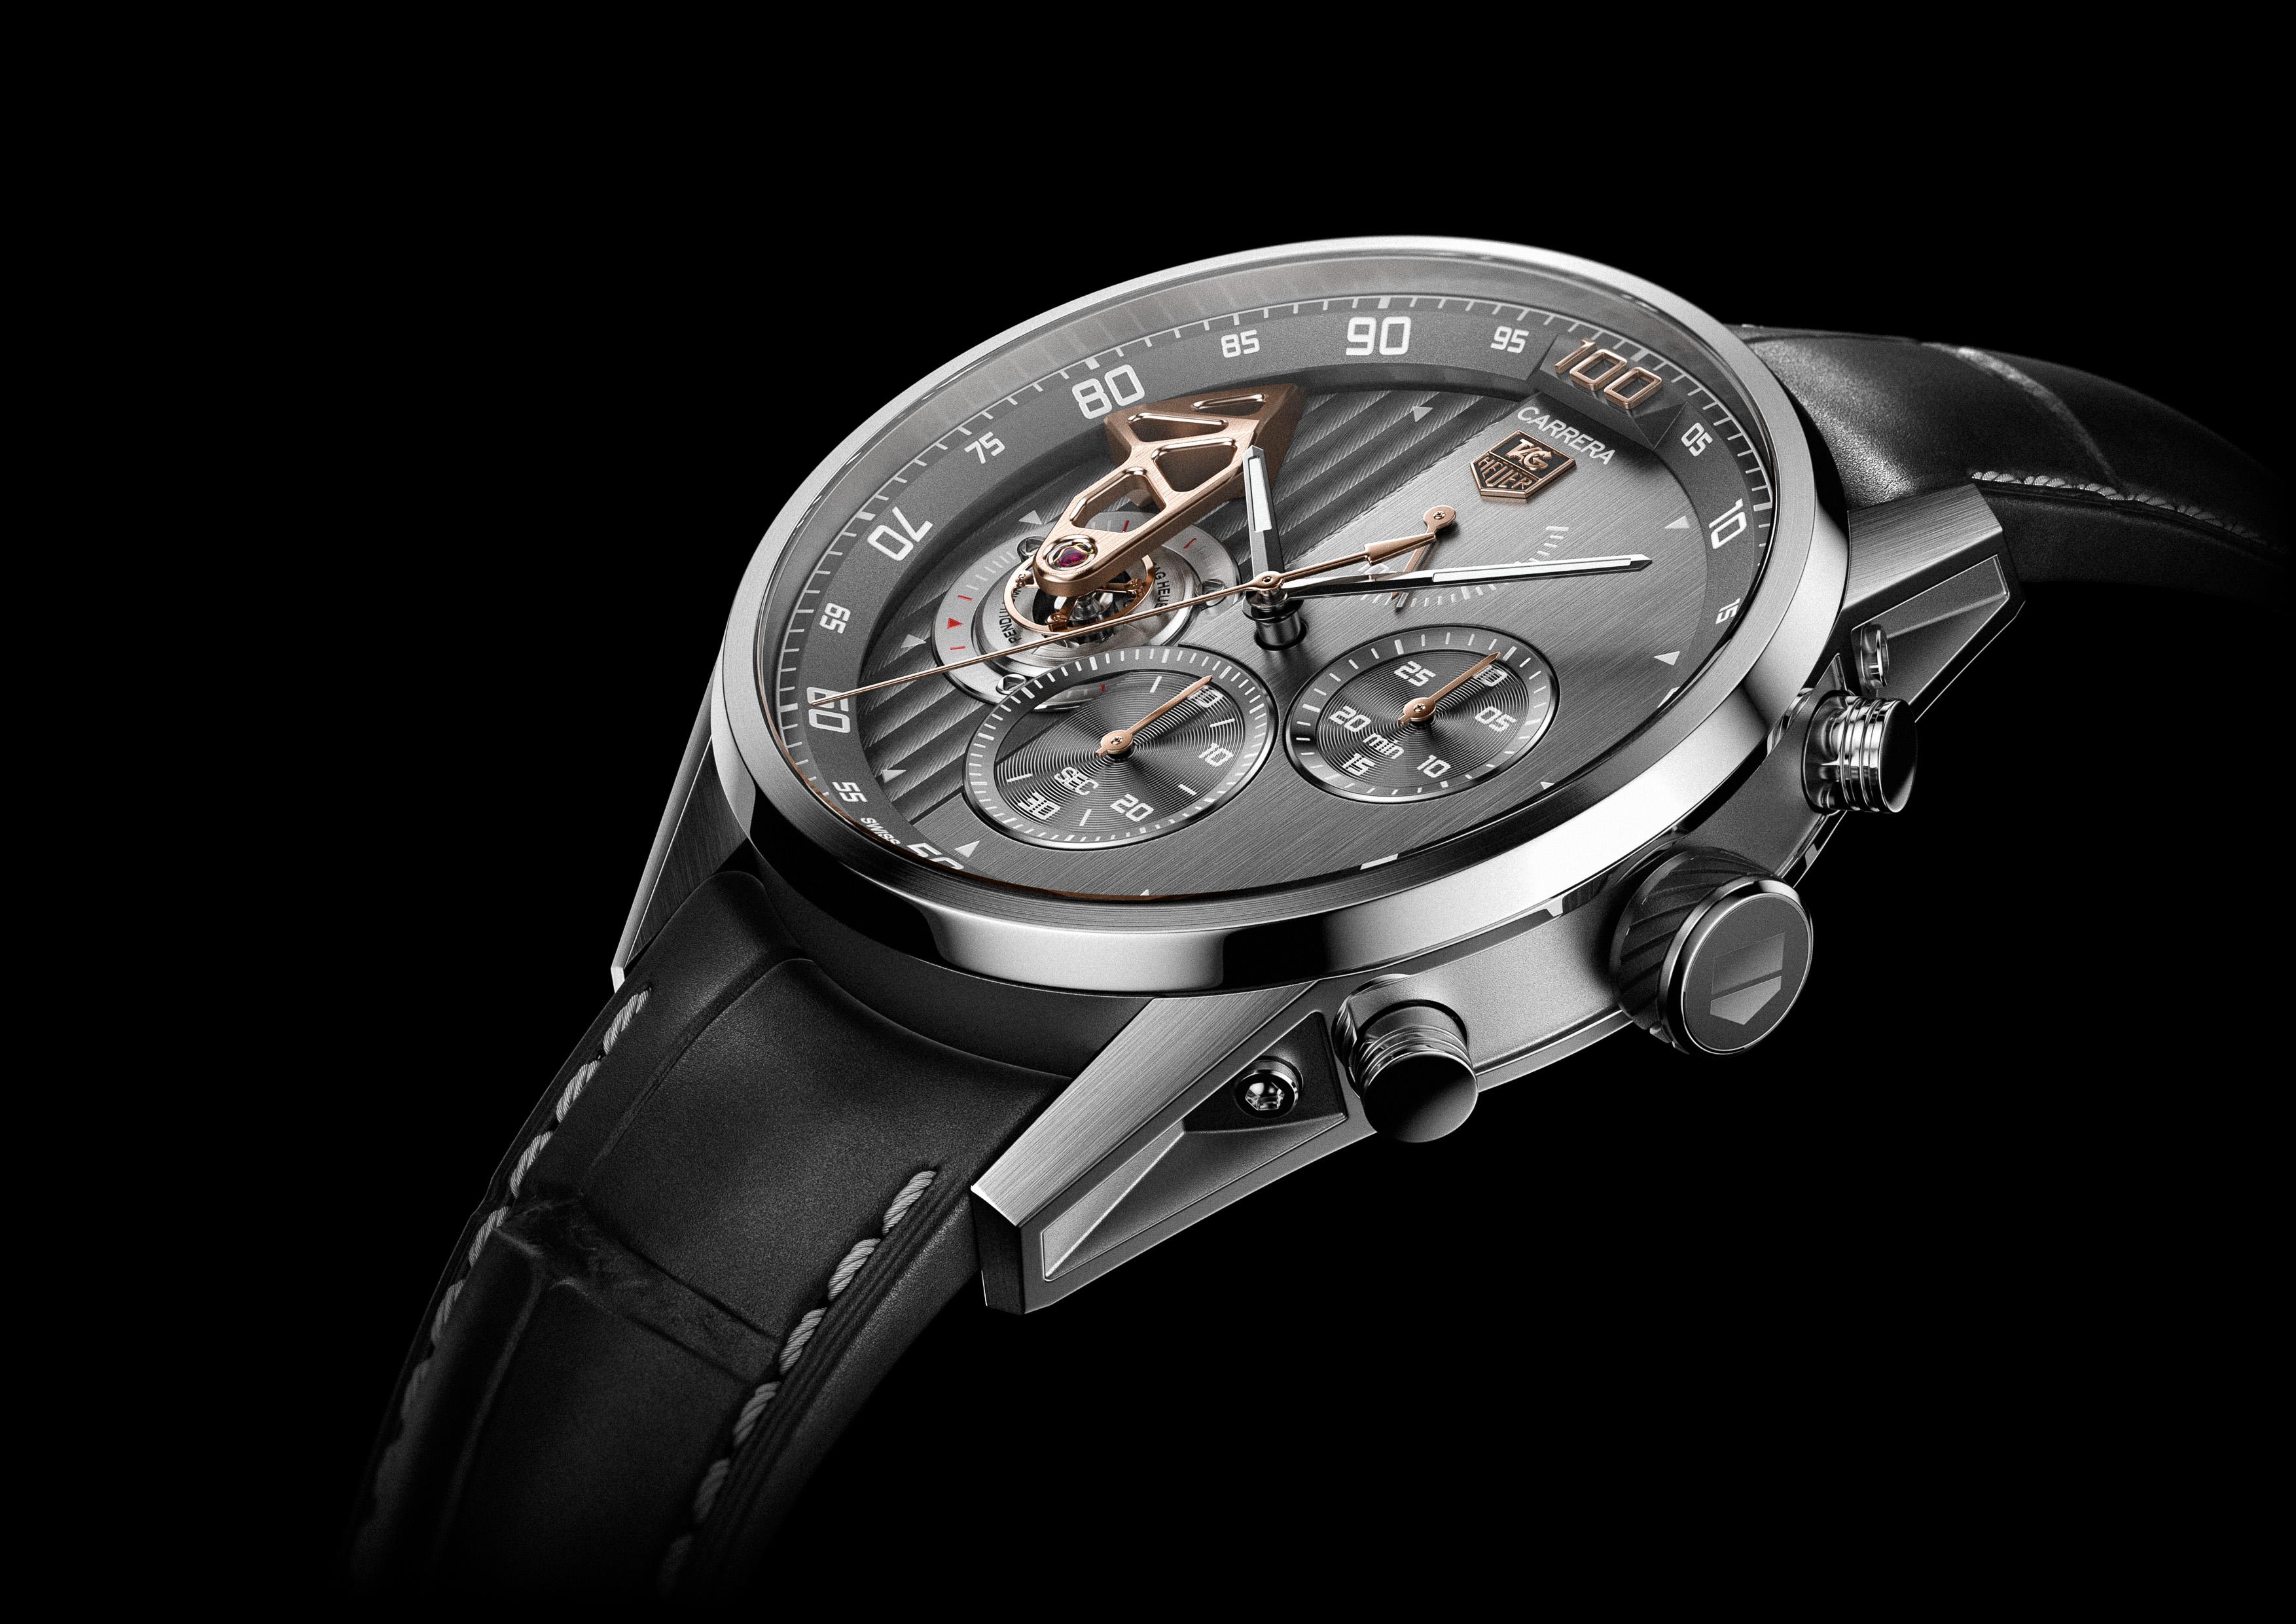 Швейцарская часовая компания TAG Heuer выпустит свои умные часы